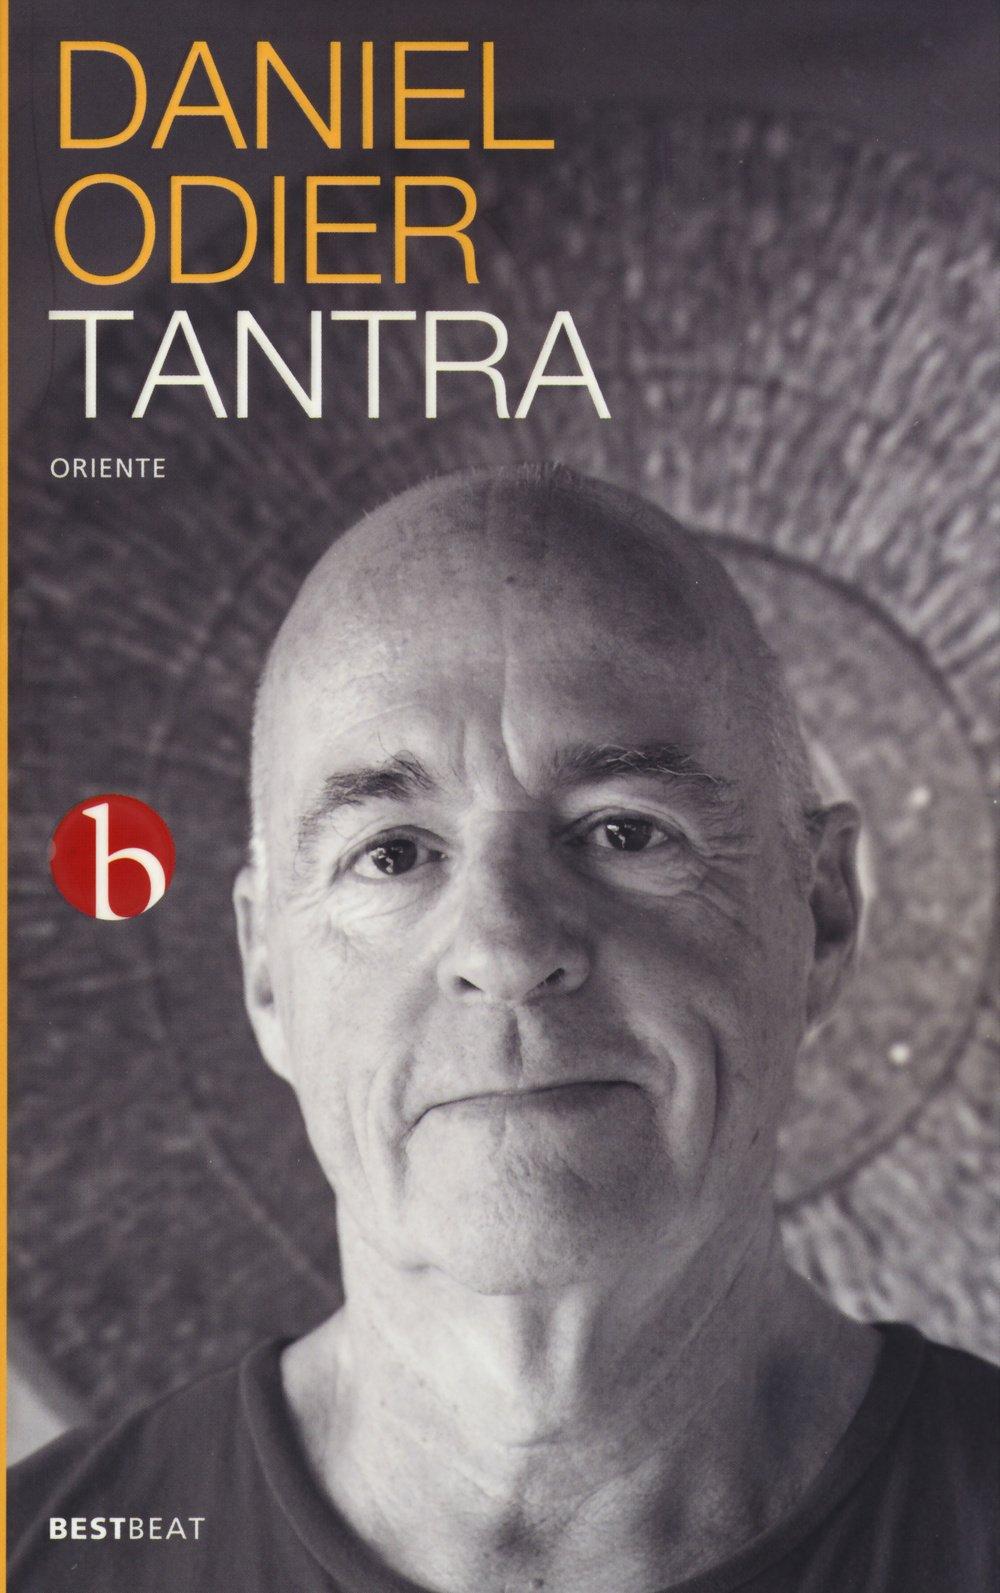 Tantra. L'iniziazione di un occidentale all'amore assoluto Copertina flessibile – 26 nov 2015 Daniel Odier E. Niccolini BEAT 8865592958